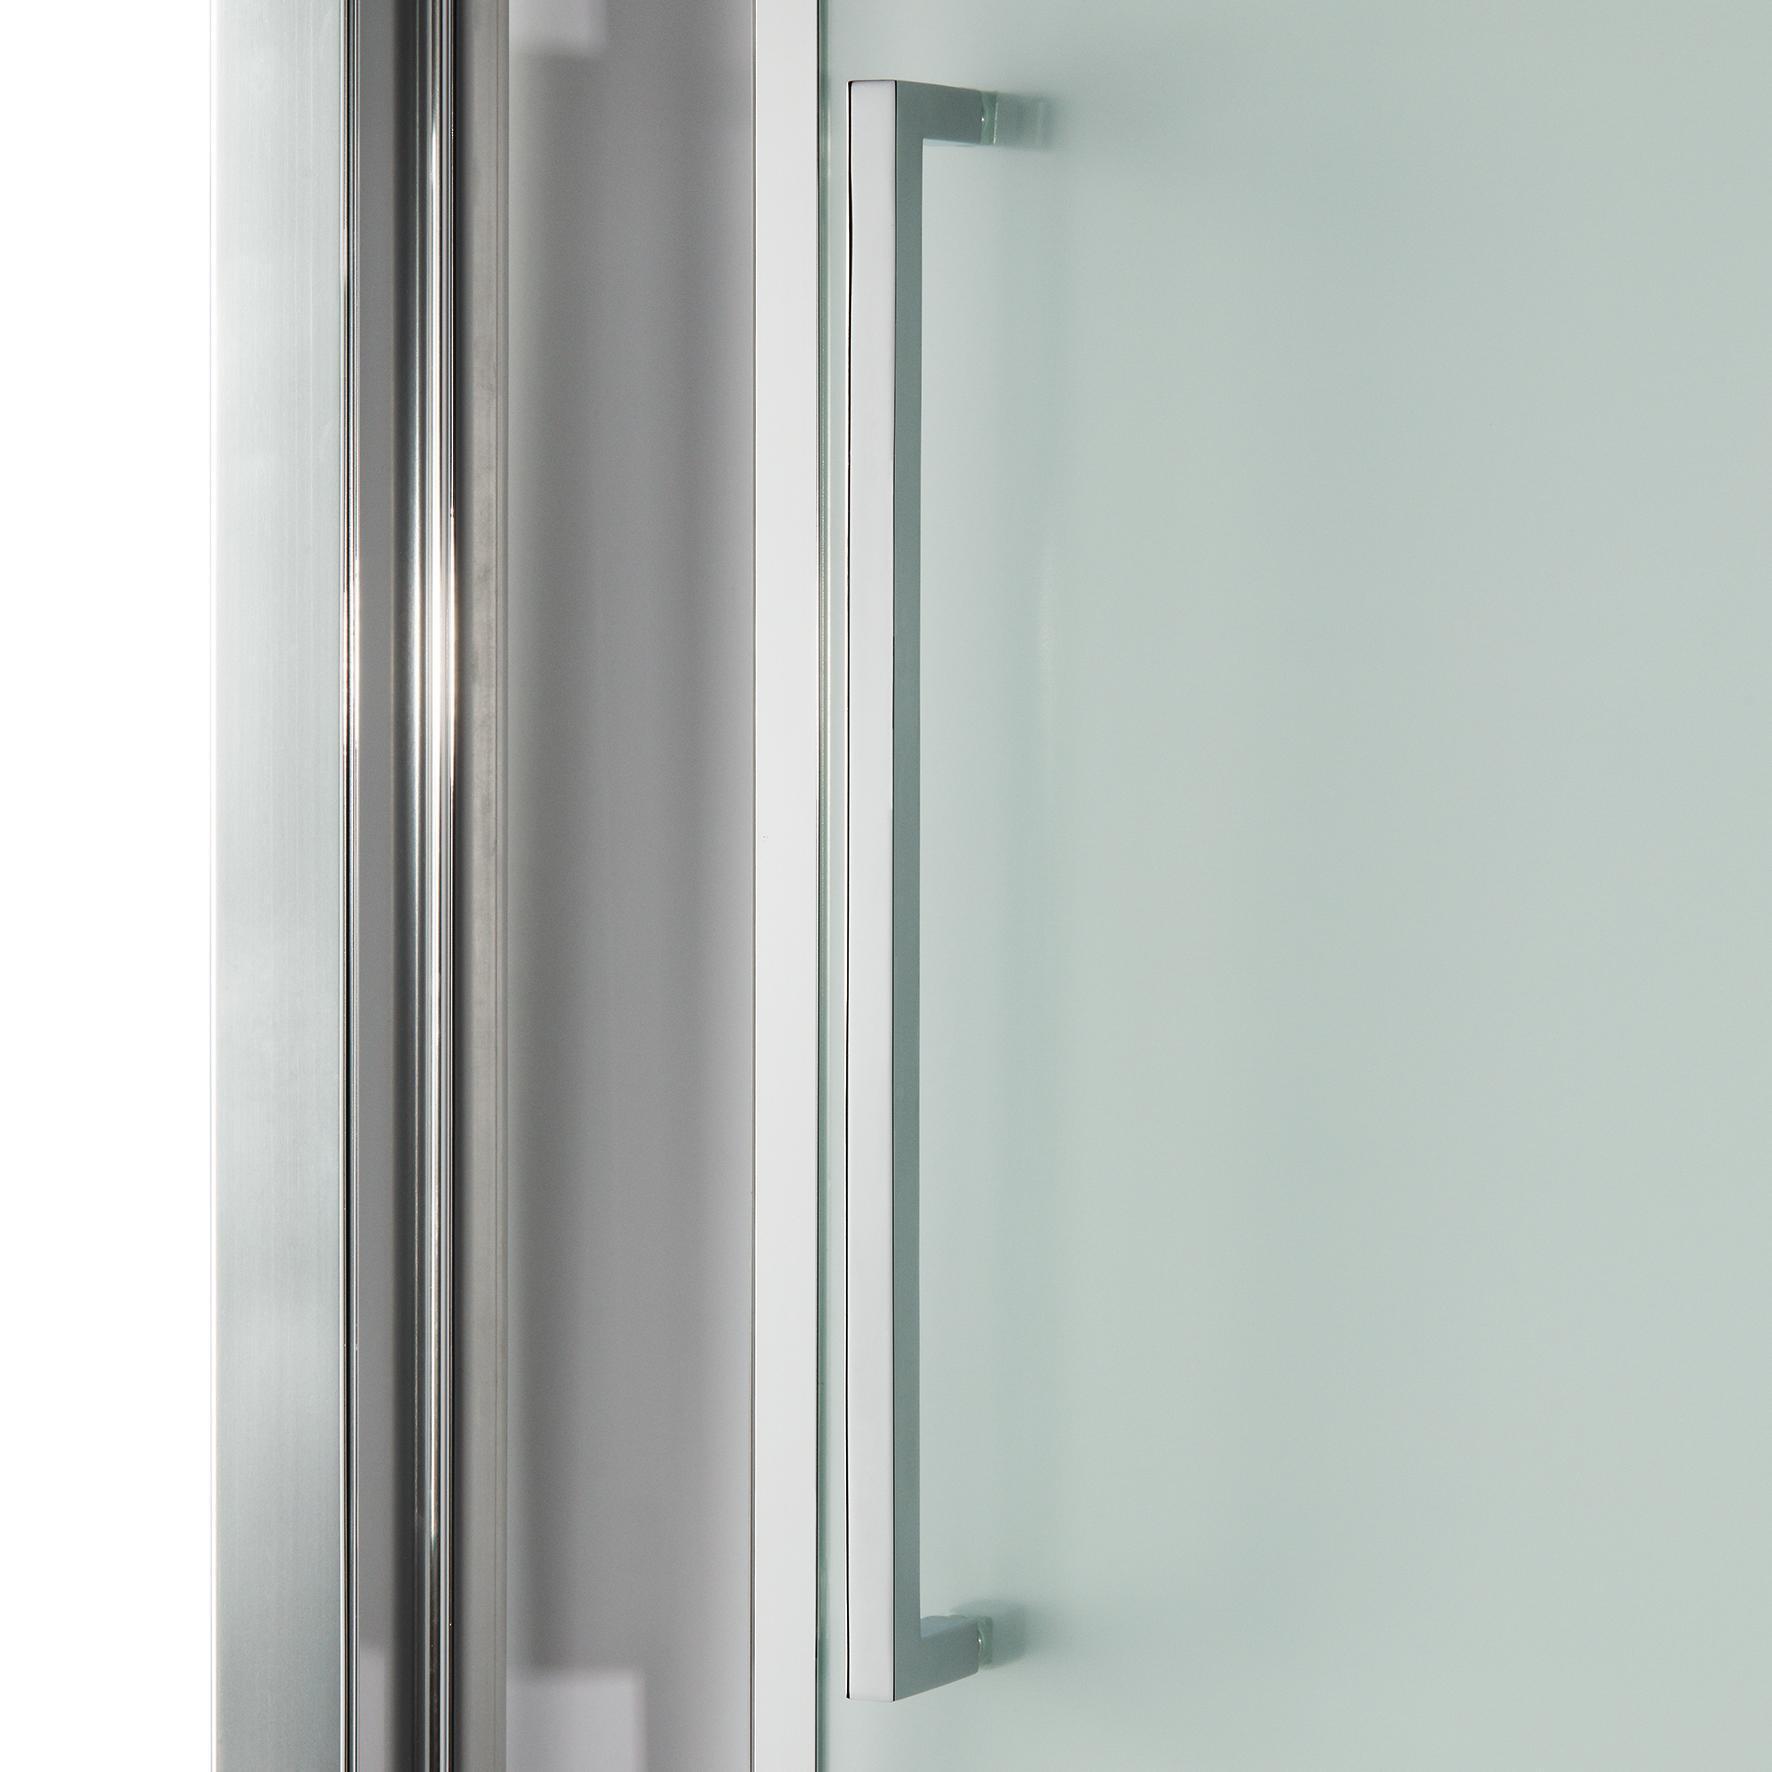 Porta doccia battente Record 77 cm, H 195 cm in vetro temprato, spessore 6 mm trasparente silver - 3